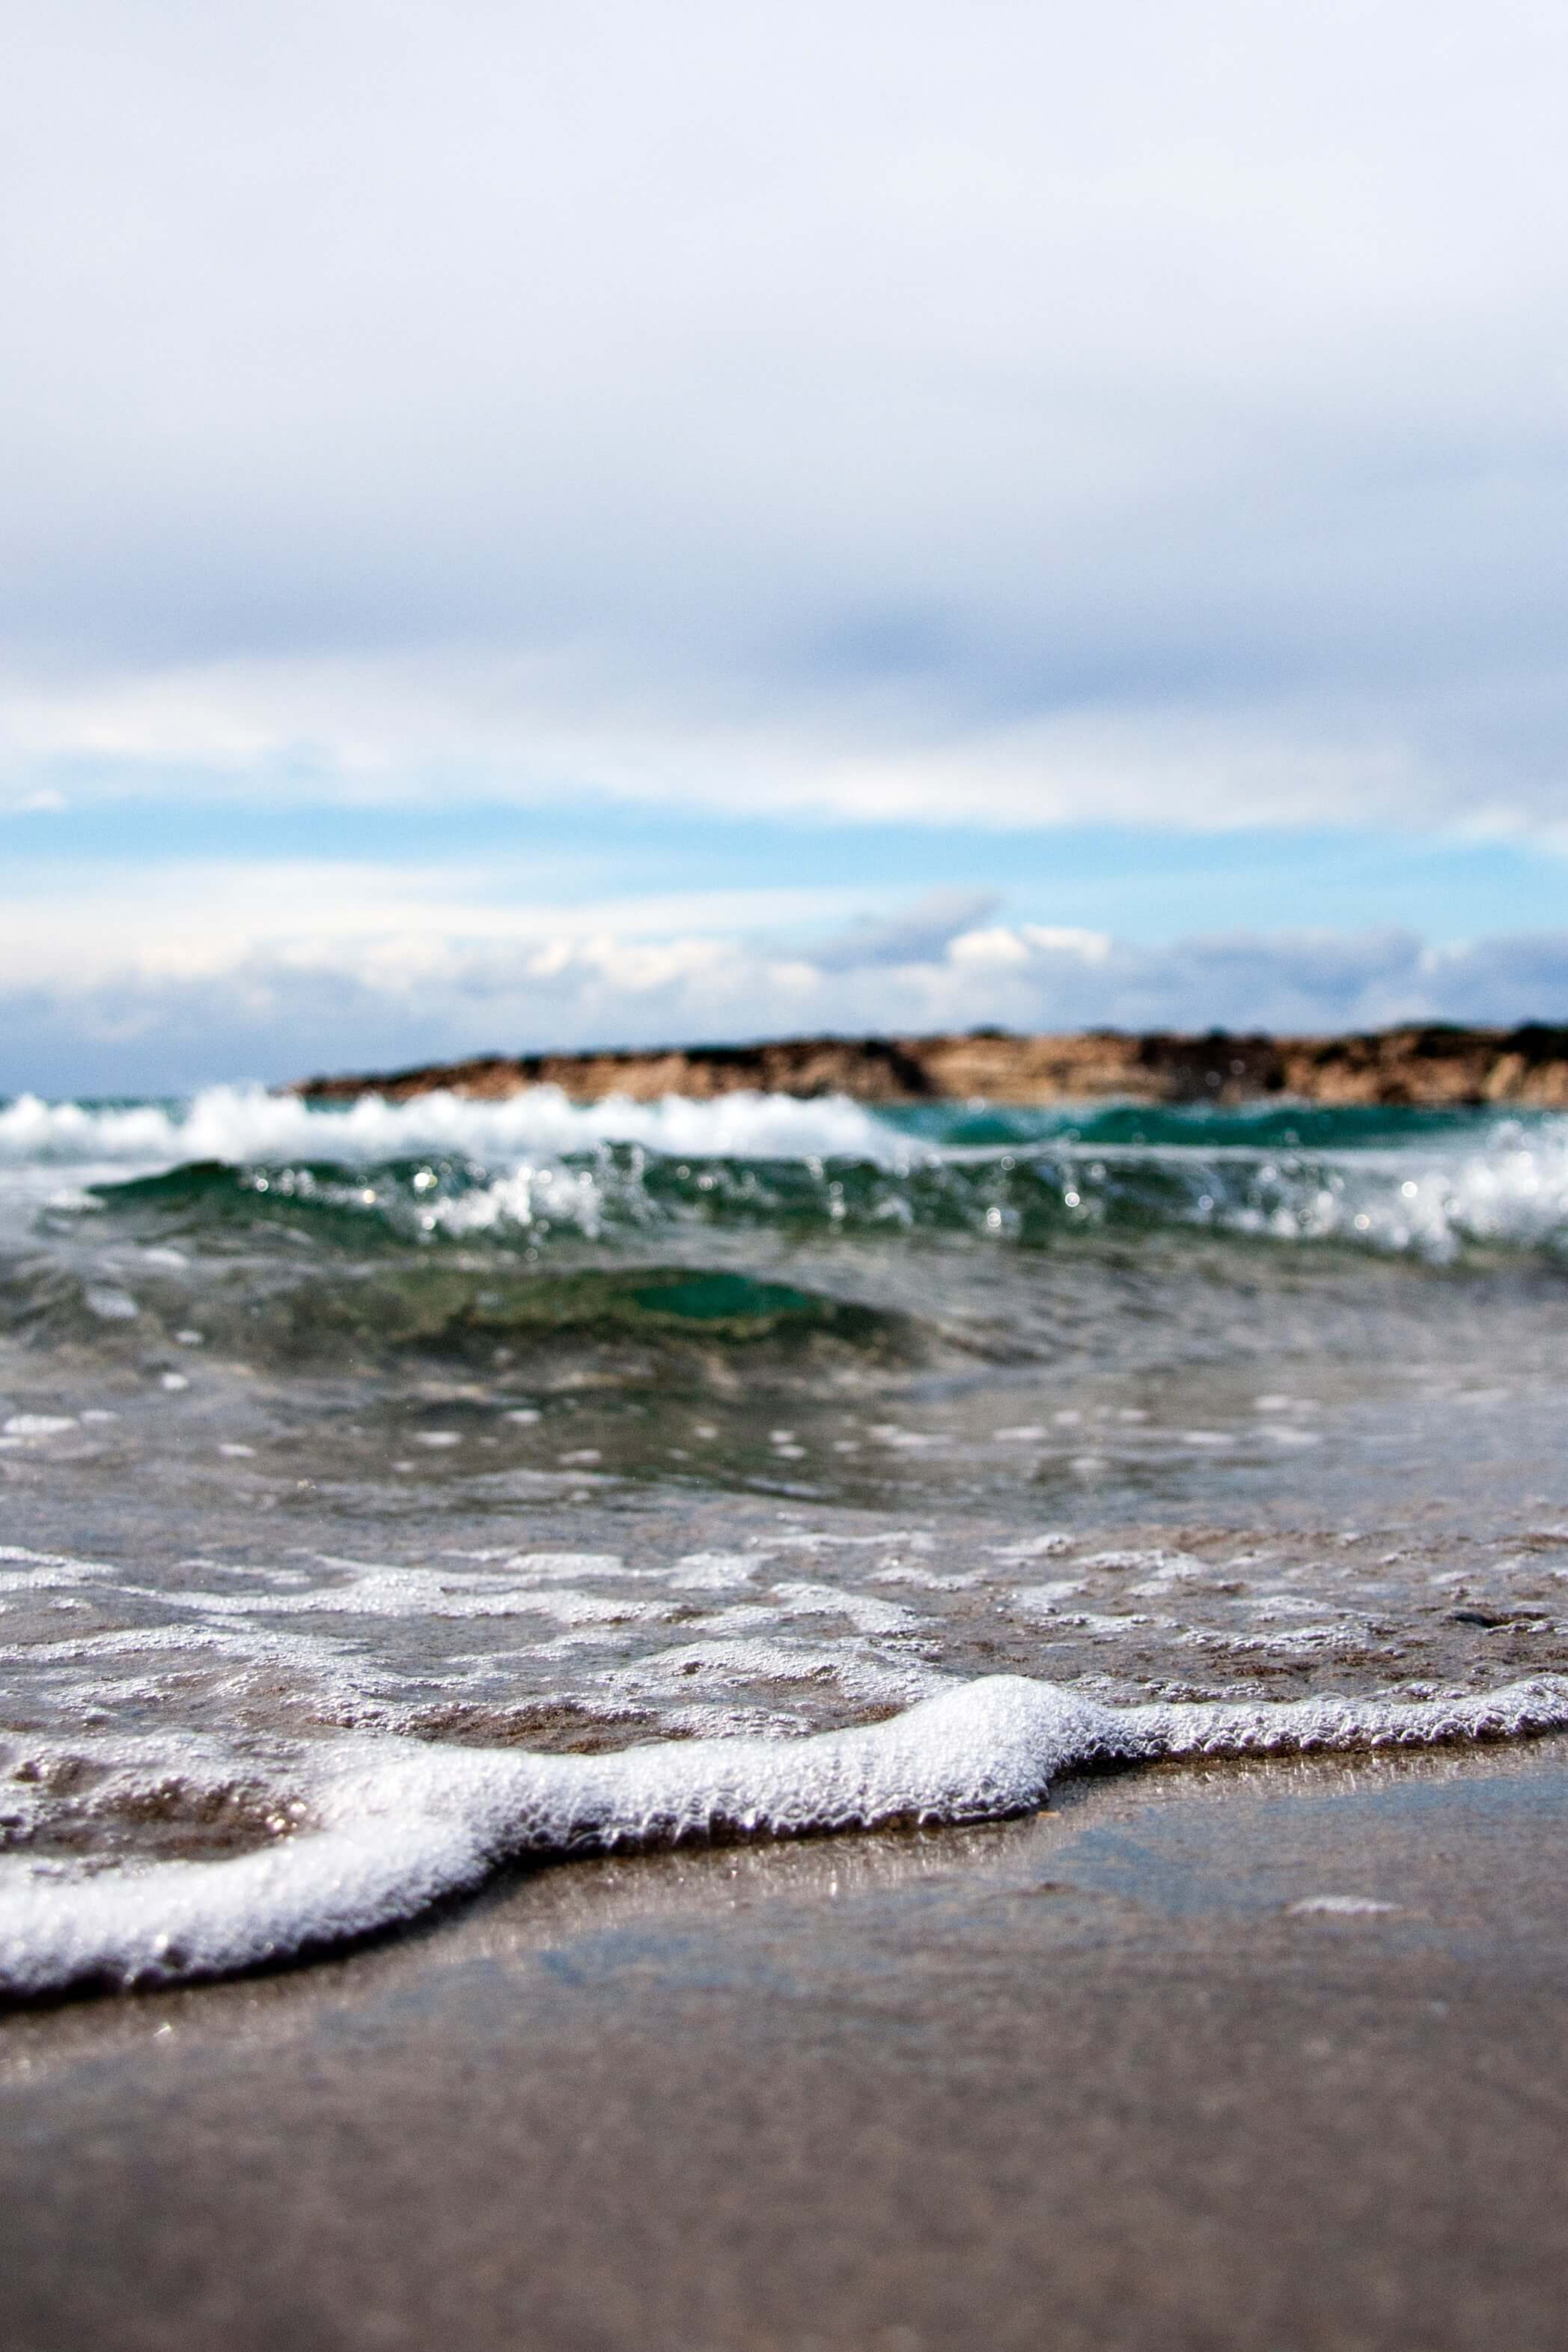 Sand - ein bedrohter Rohstoff, Sandproblem, Sandklau, Raubbau, Sand verschwindet, Sylt und der Sand